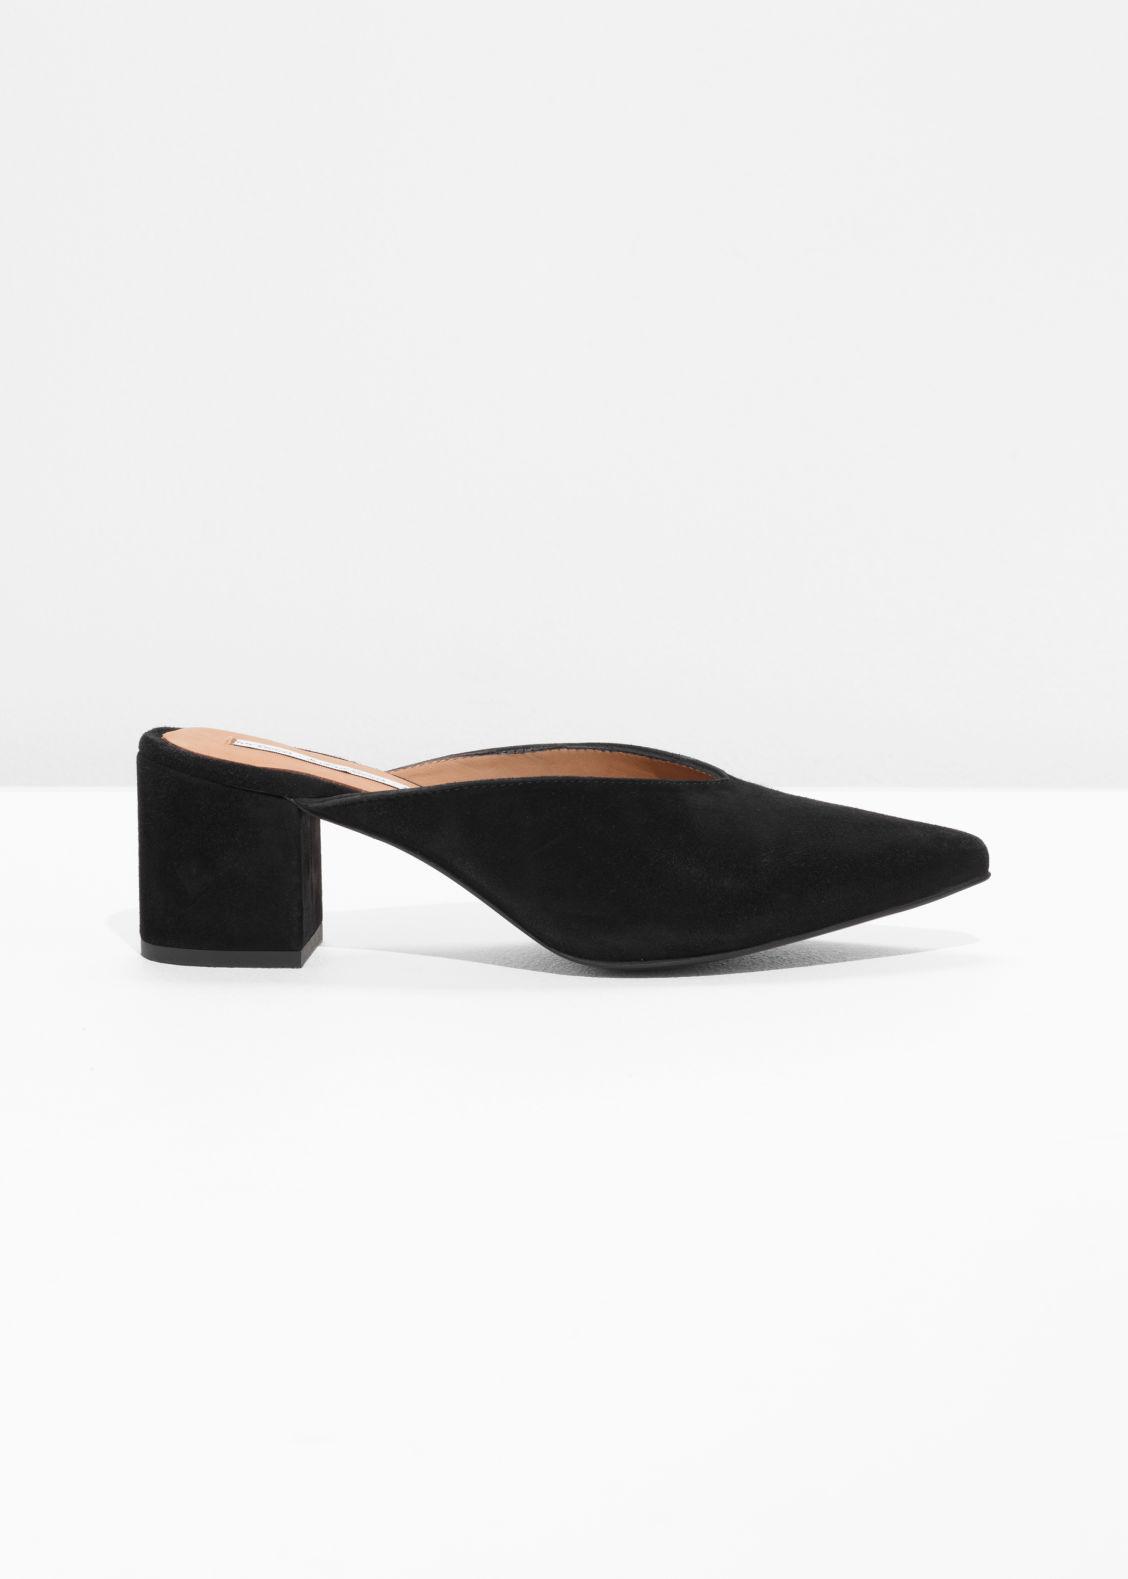 53516074aae Suede Mule Pump - Black - Heeled sandals -   Other Stories